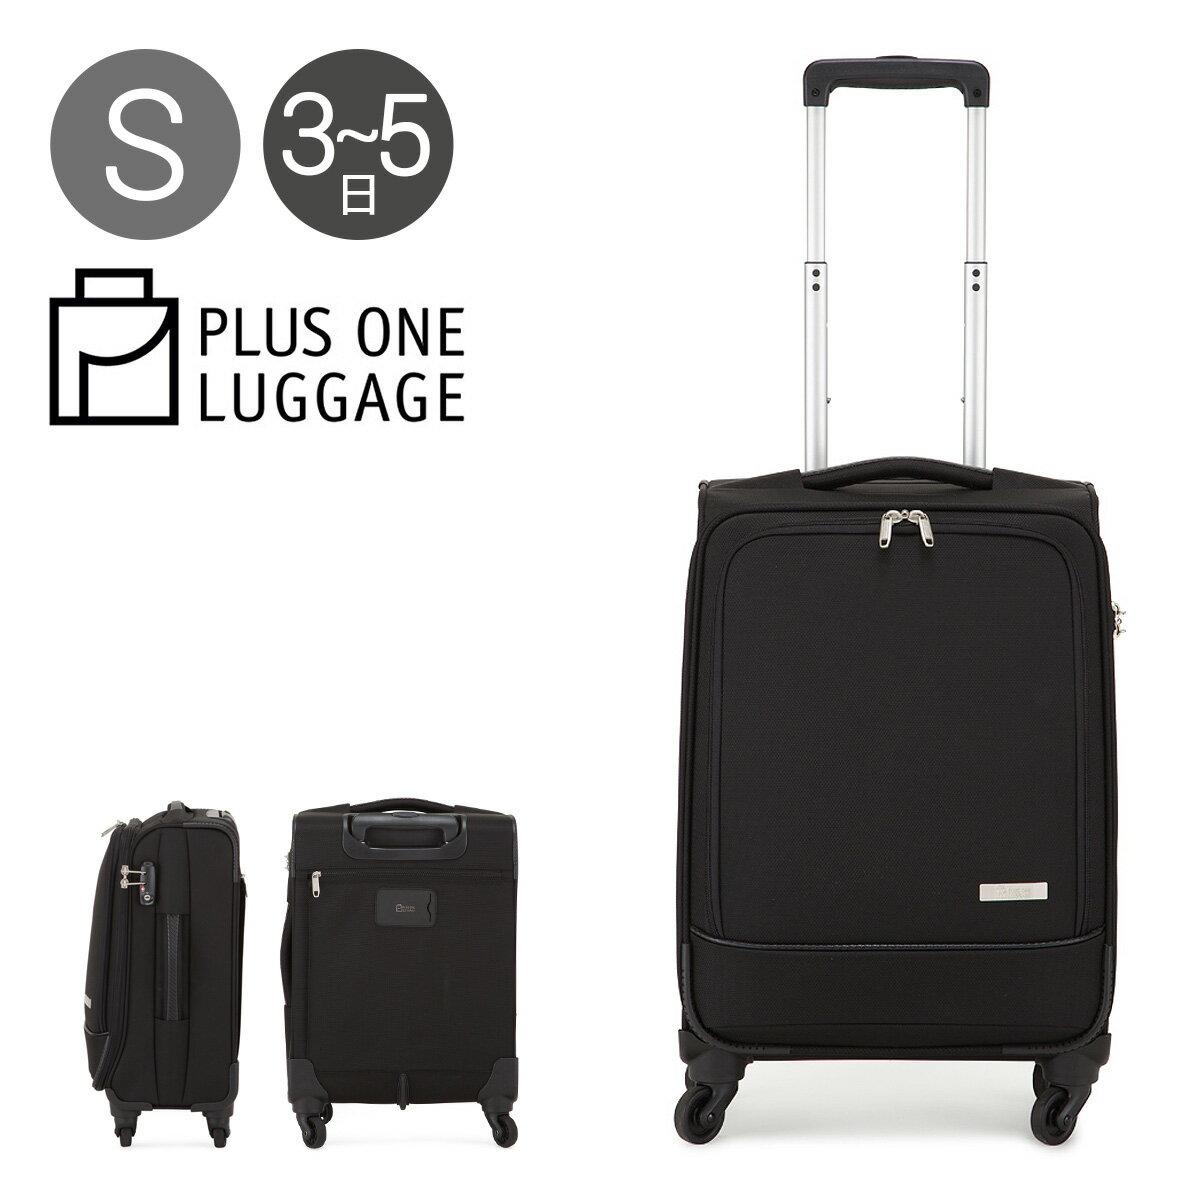 プラスワン スーツケース 3015-51 【 PLUSONE LUGGAGE キャリーケース キャリーバッグ ビジネスキャリー 出張 】